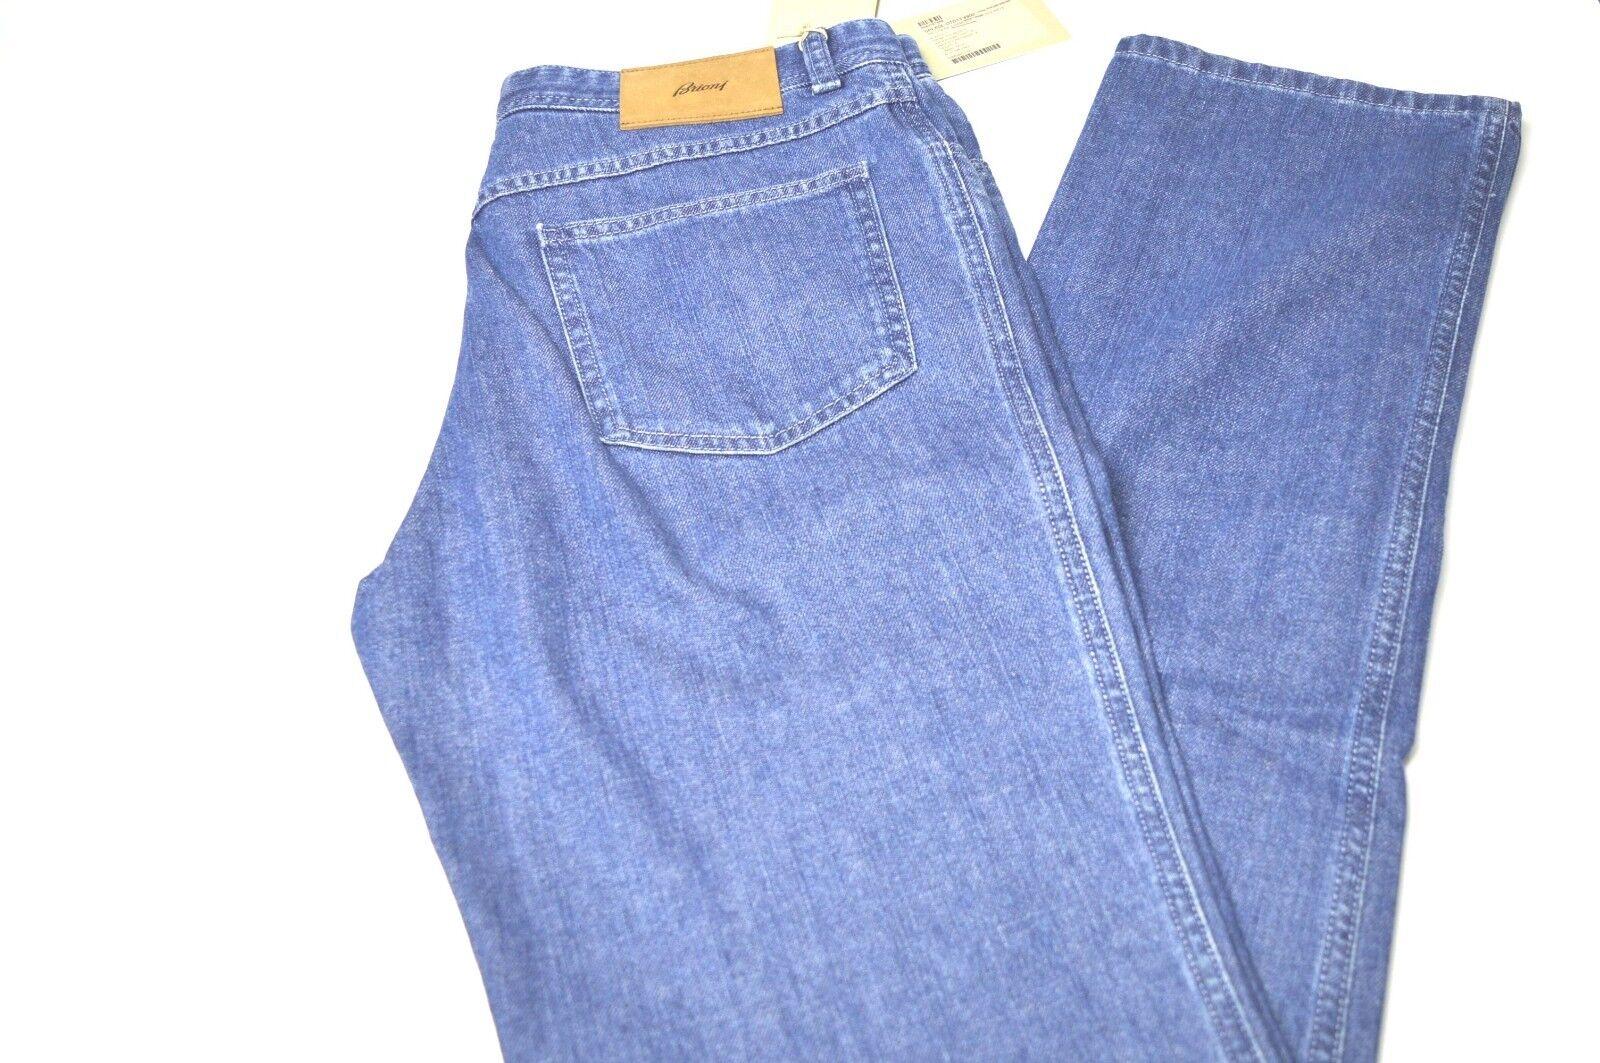 NEW BRIONI Jeans -CHAMOIX 4900- 100% Cotton Size 38 Us 54 Eu